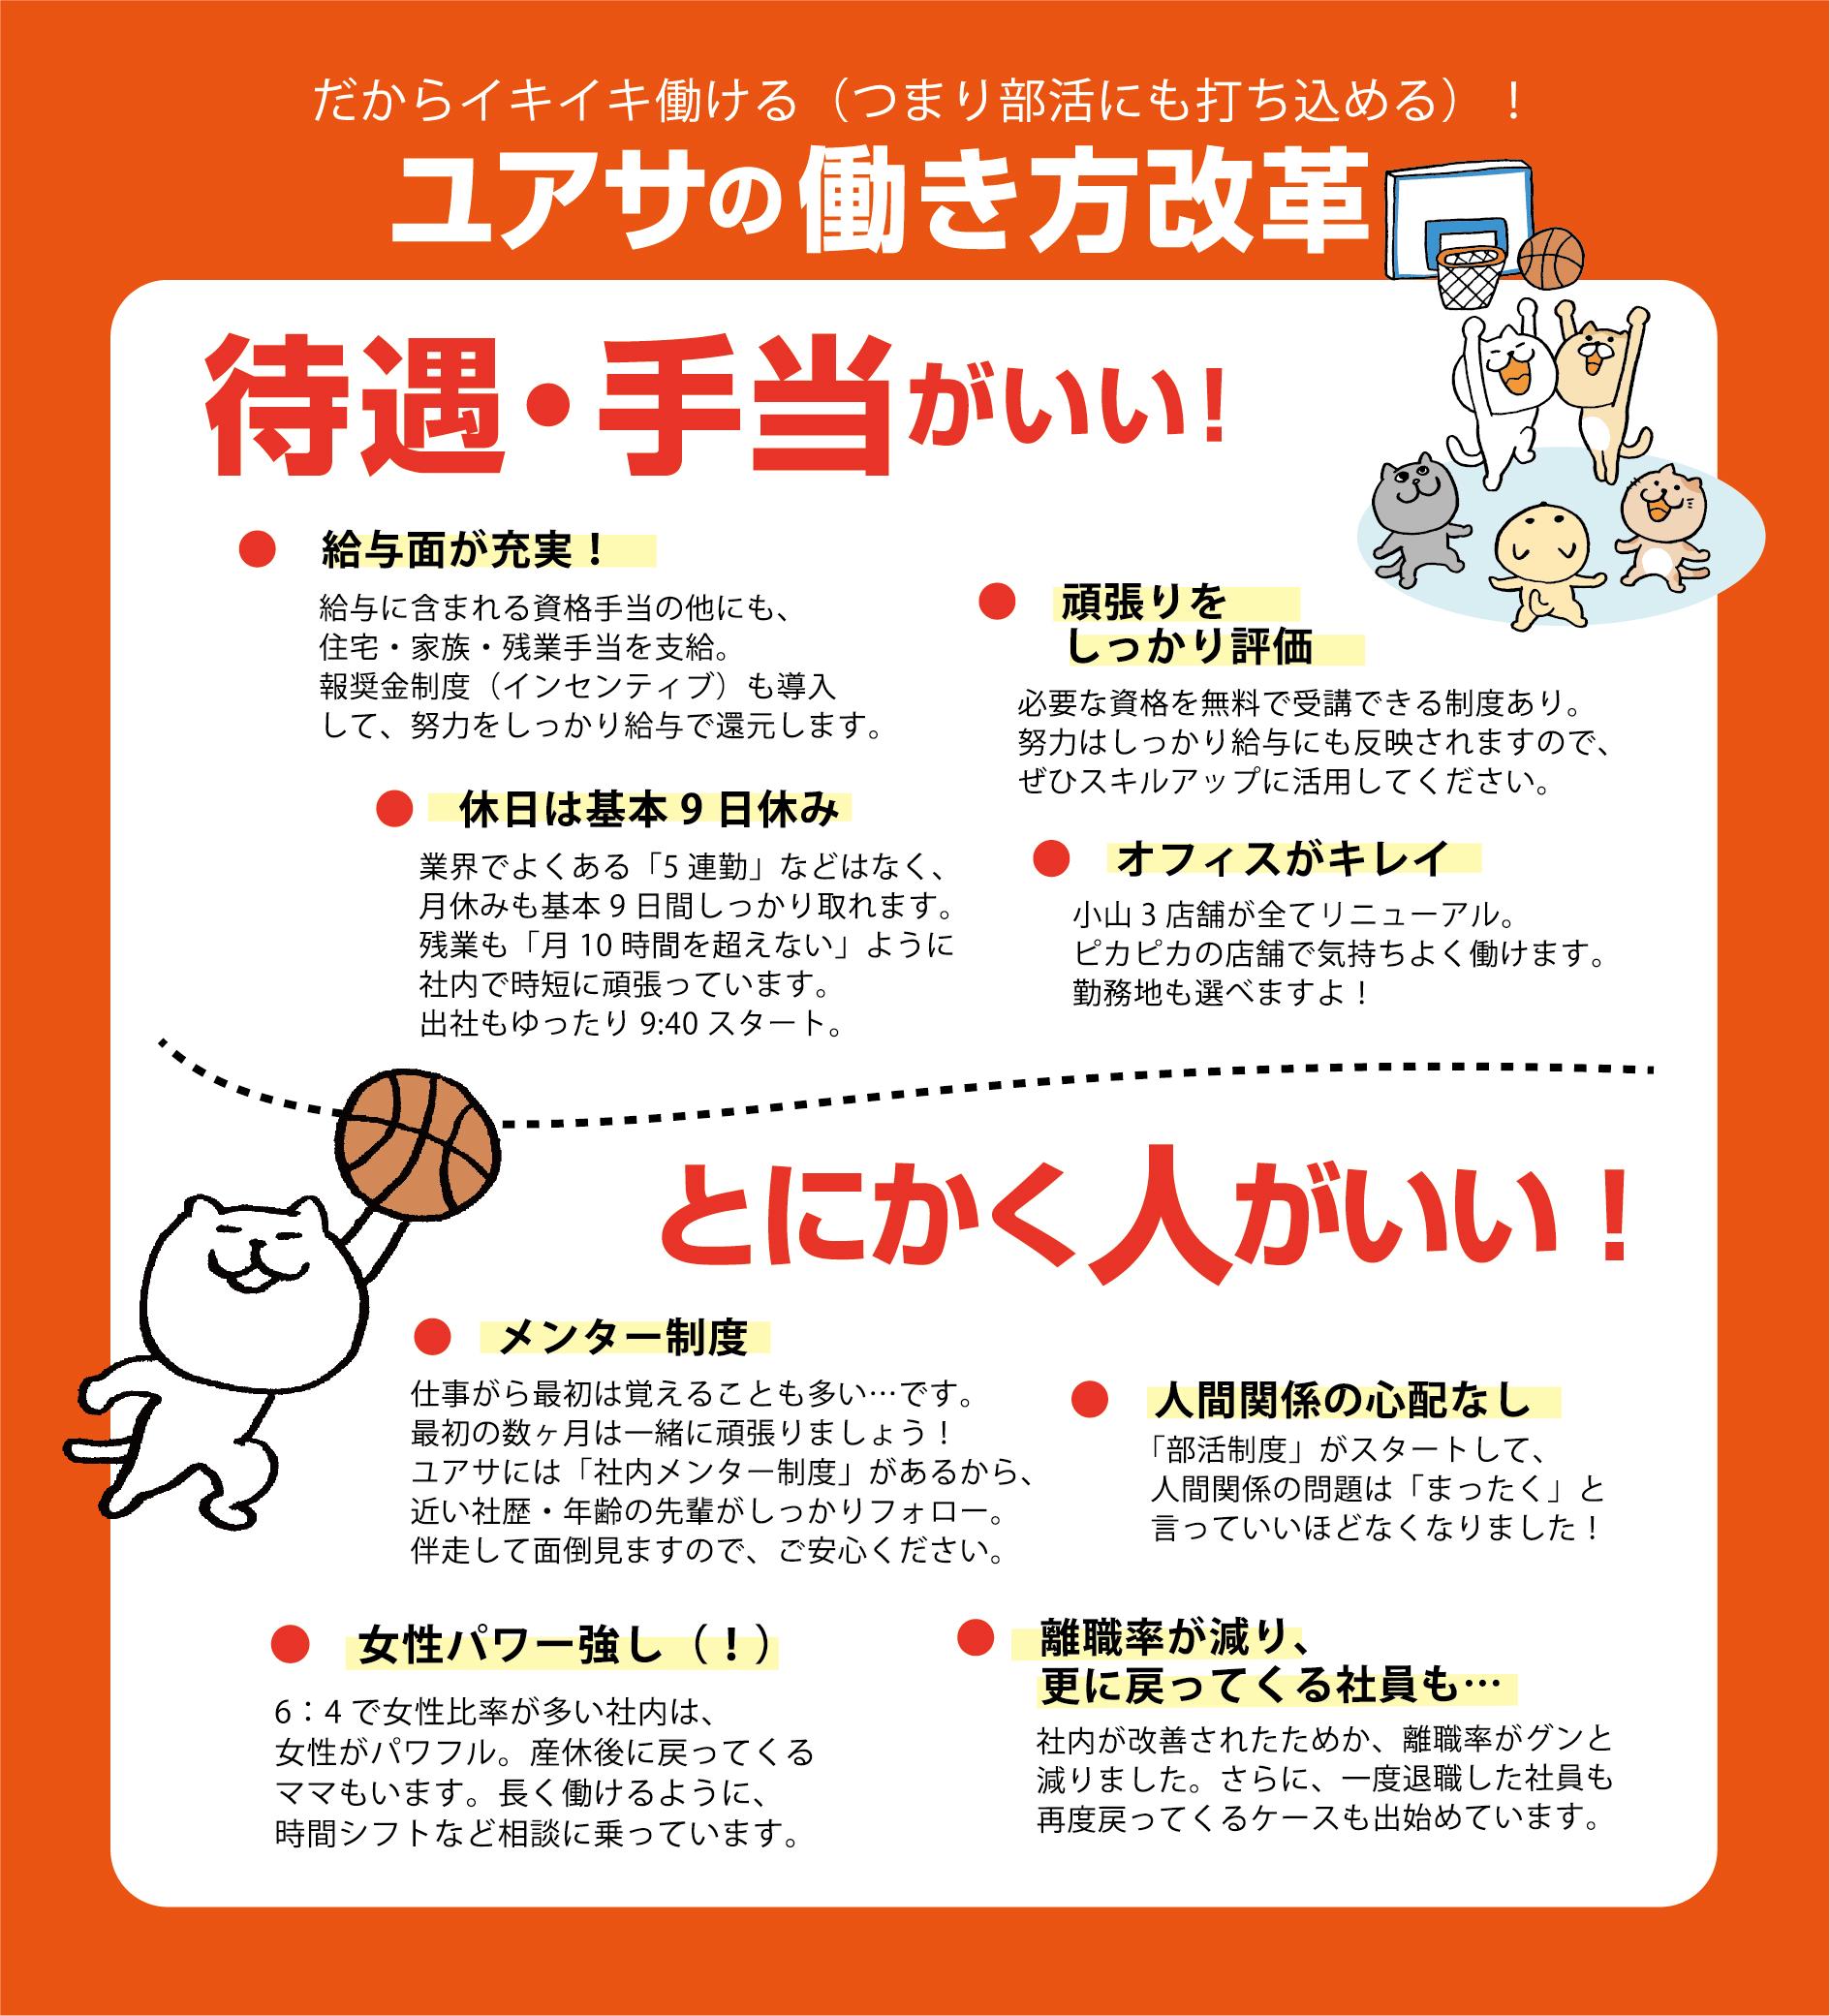 ユアサの働き方改革.jpg